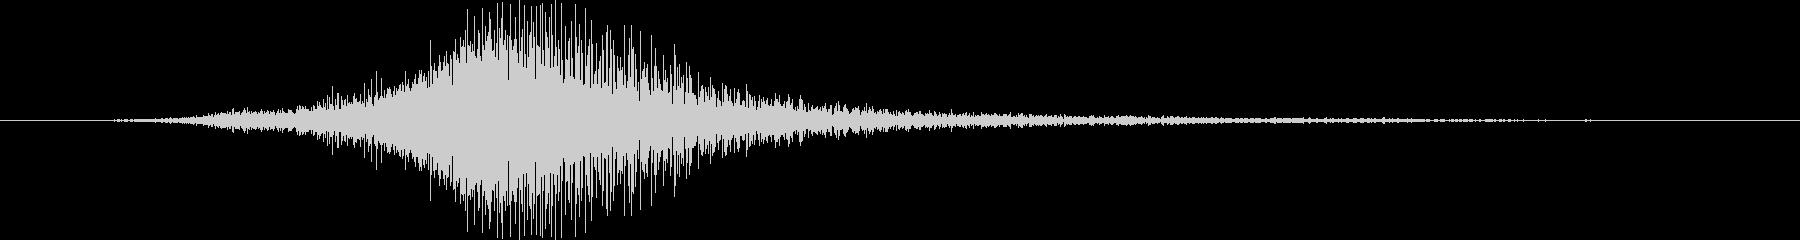 カートゥーンビークル:ヒューシュー...の未再生の波形